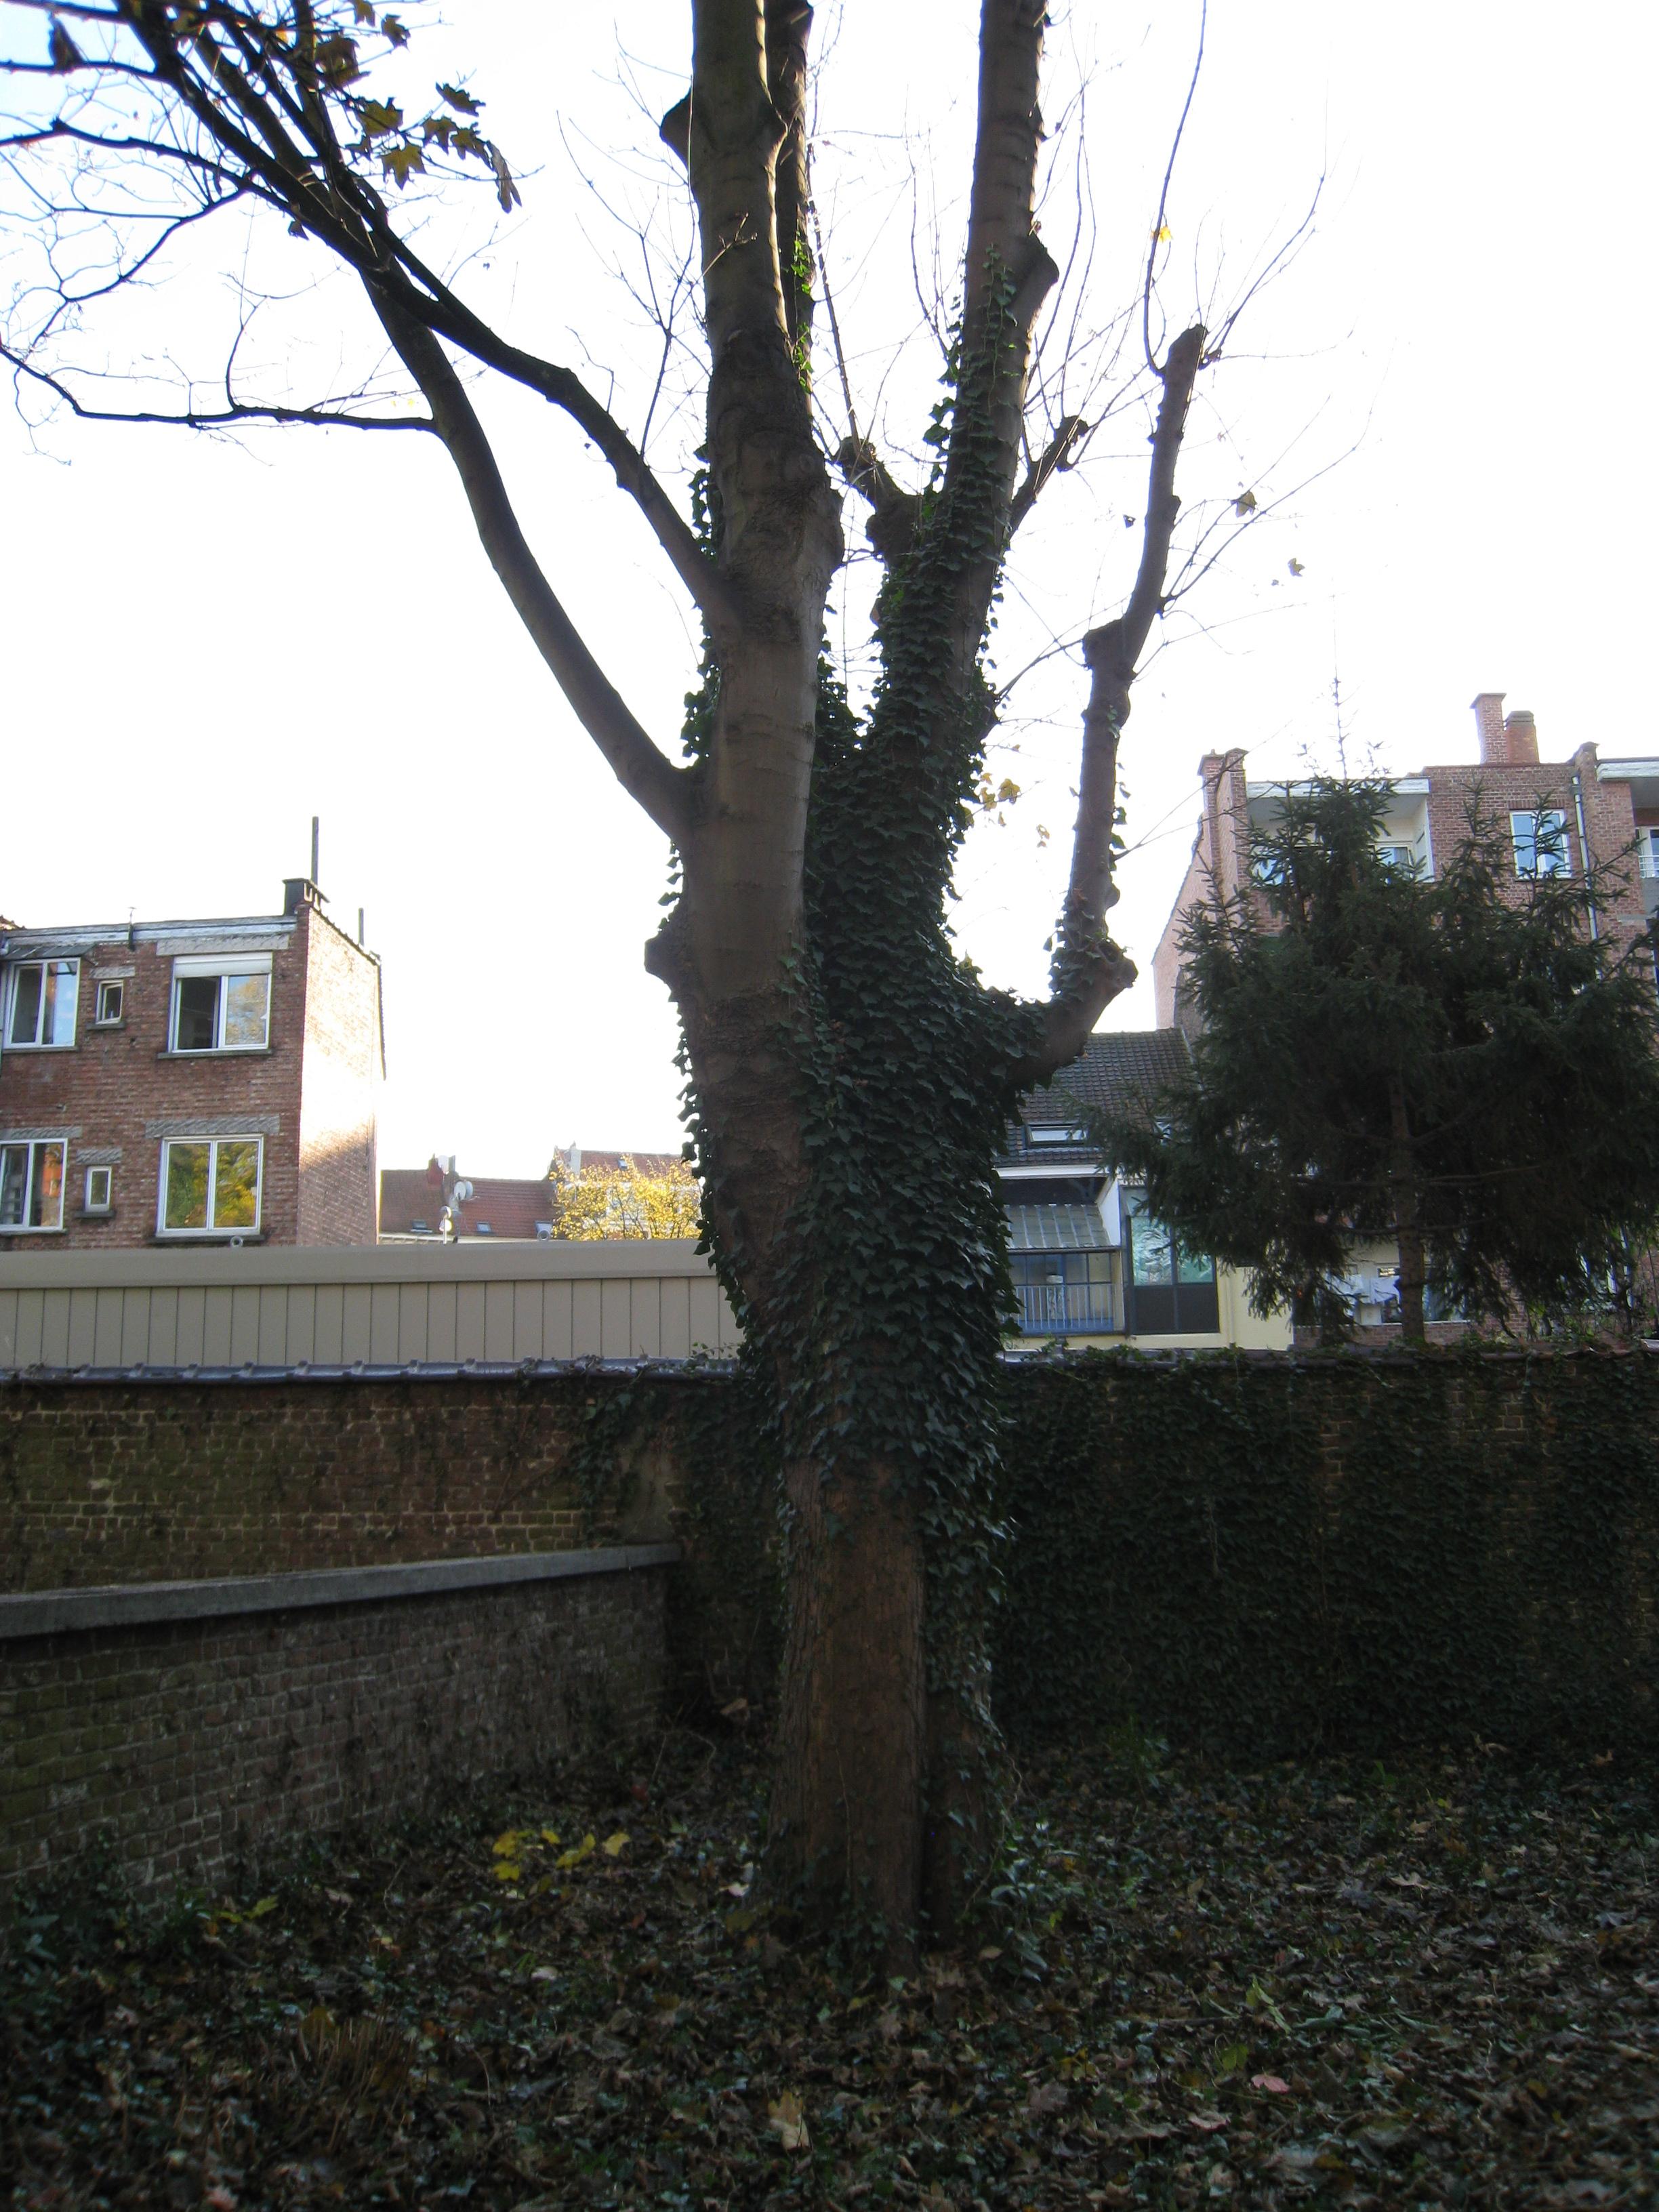 Gewone esdoorn – Schaarbeek, Lambermontlaan, 184-186 –  28 November 2011